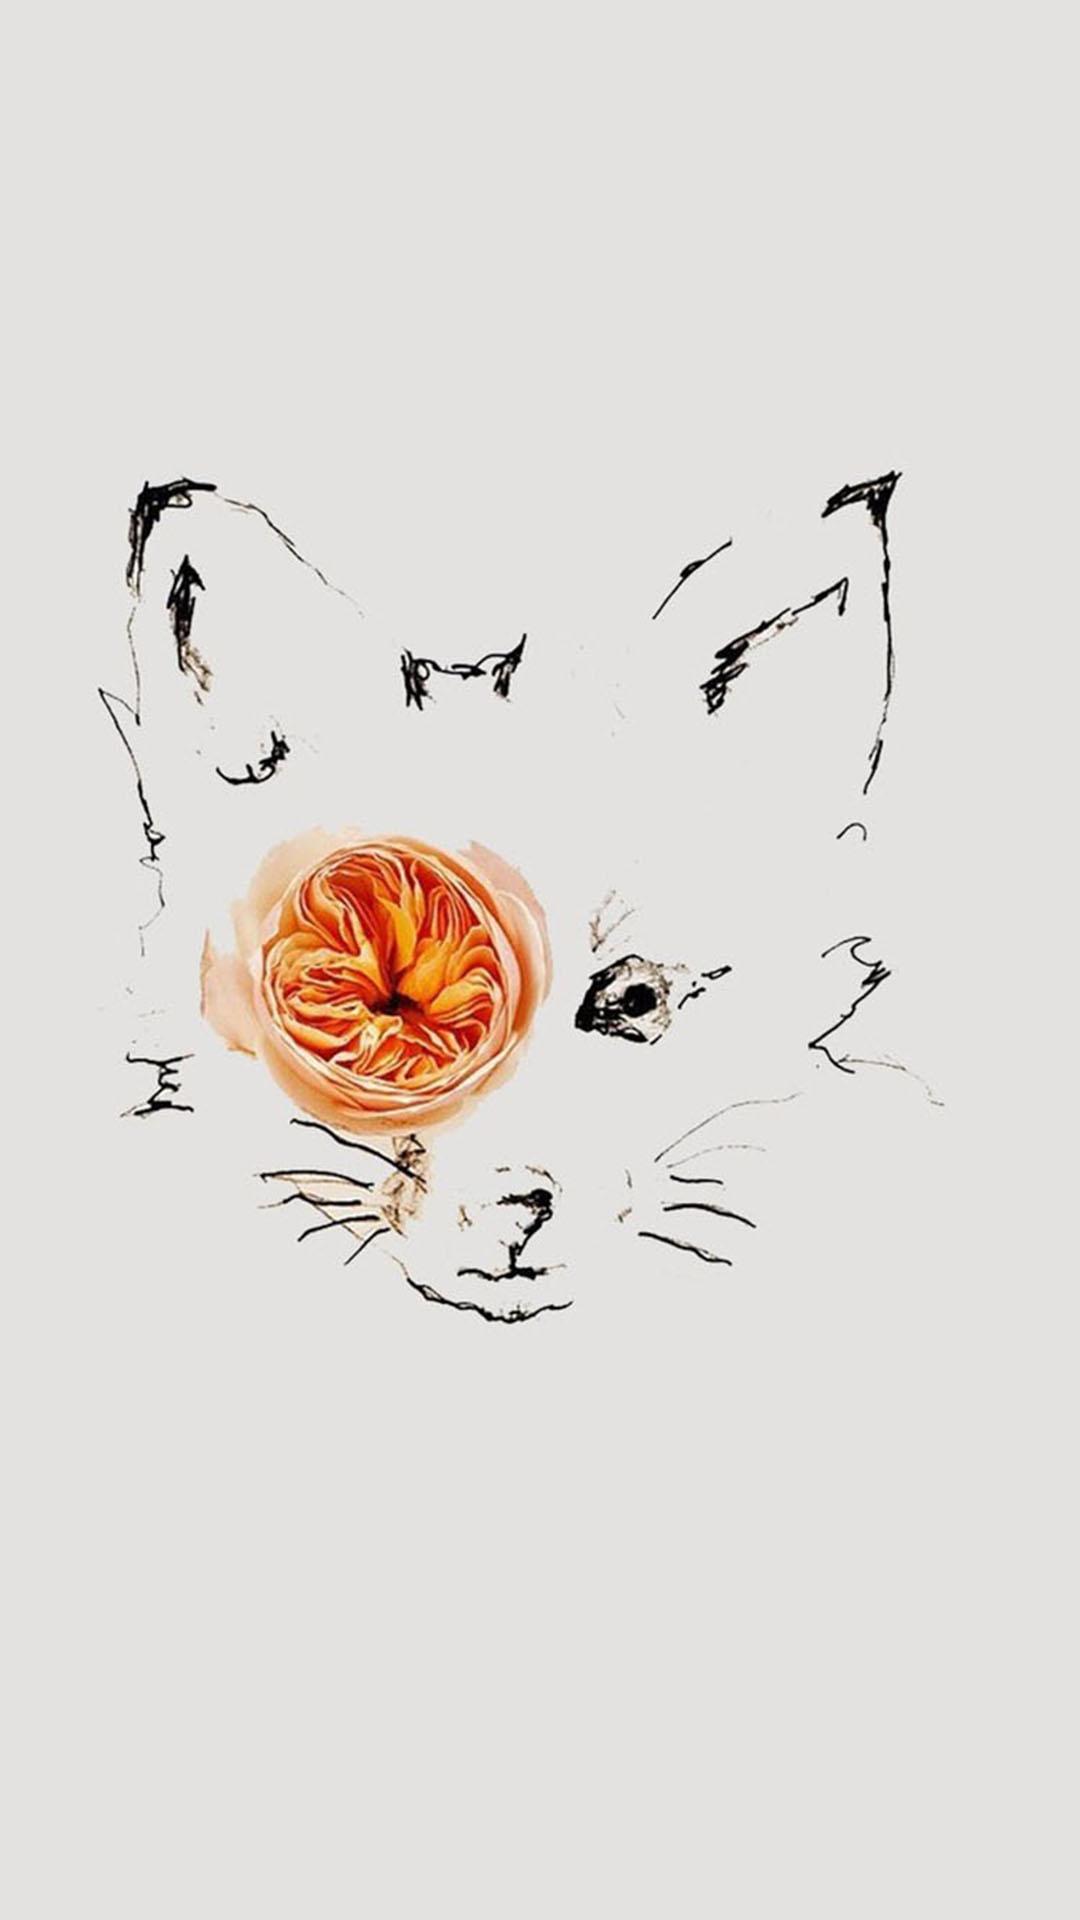 鲜花摆拍 手绘狐狸